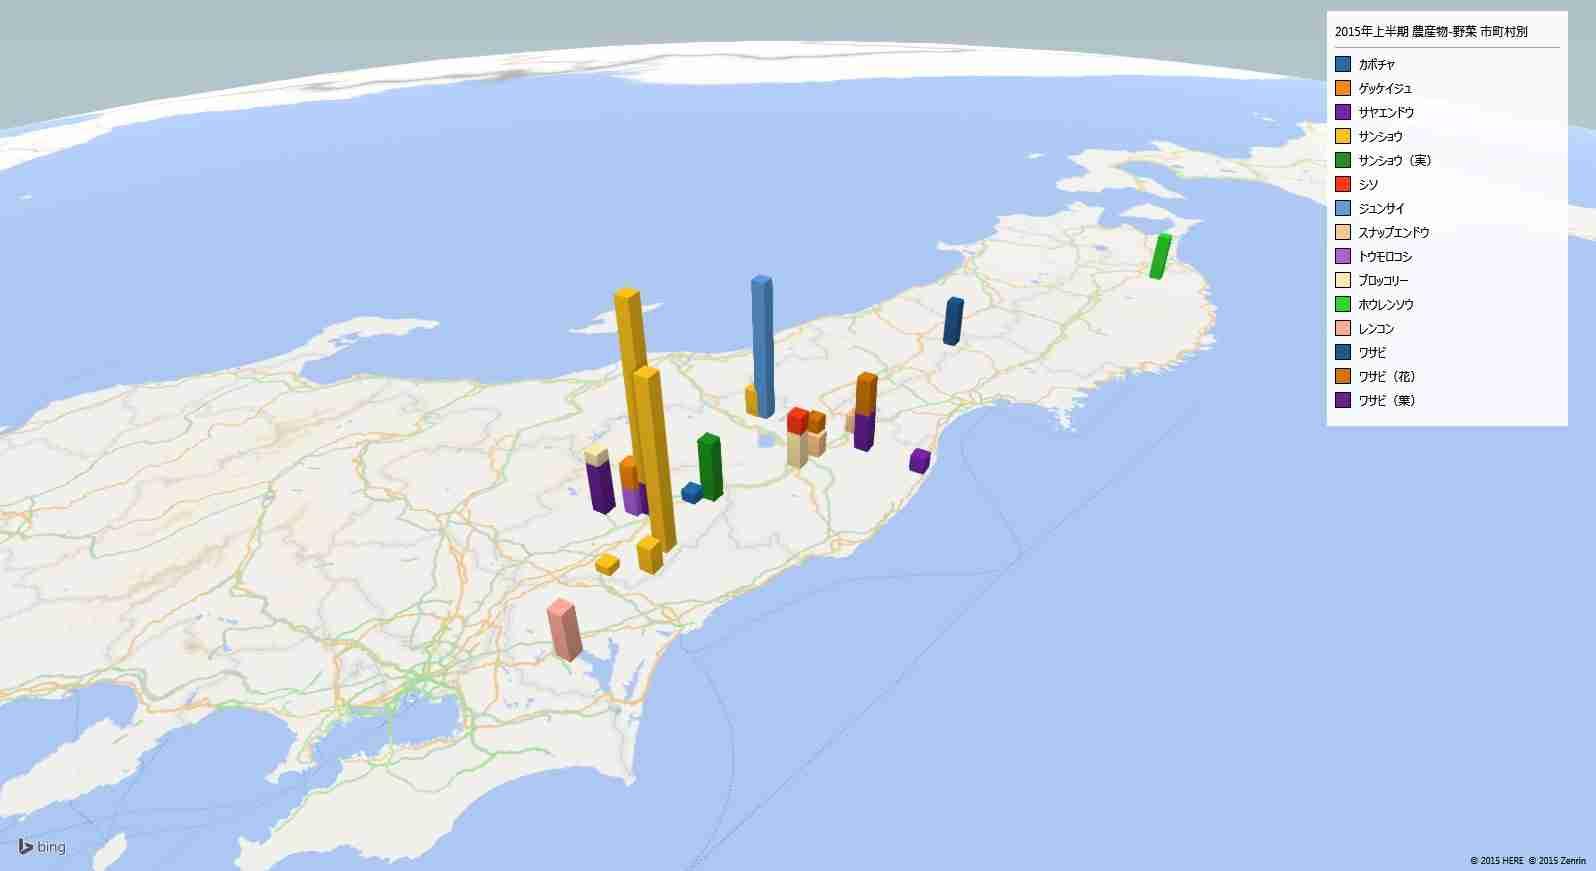 野菜の放射能検査の地図 | ホワイトフード公式ホームページ